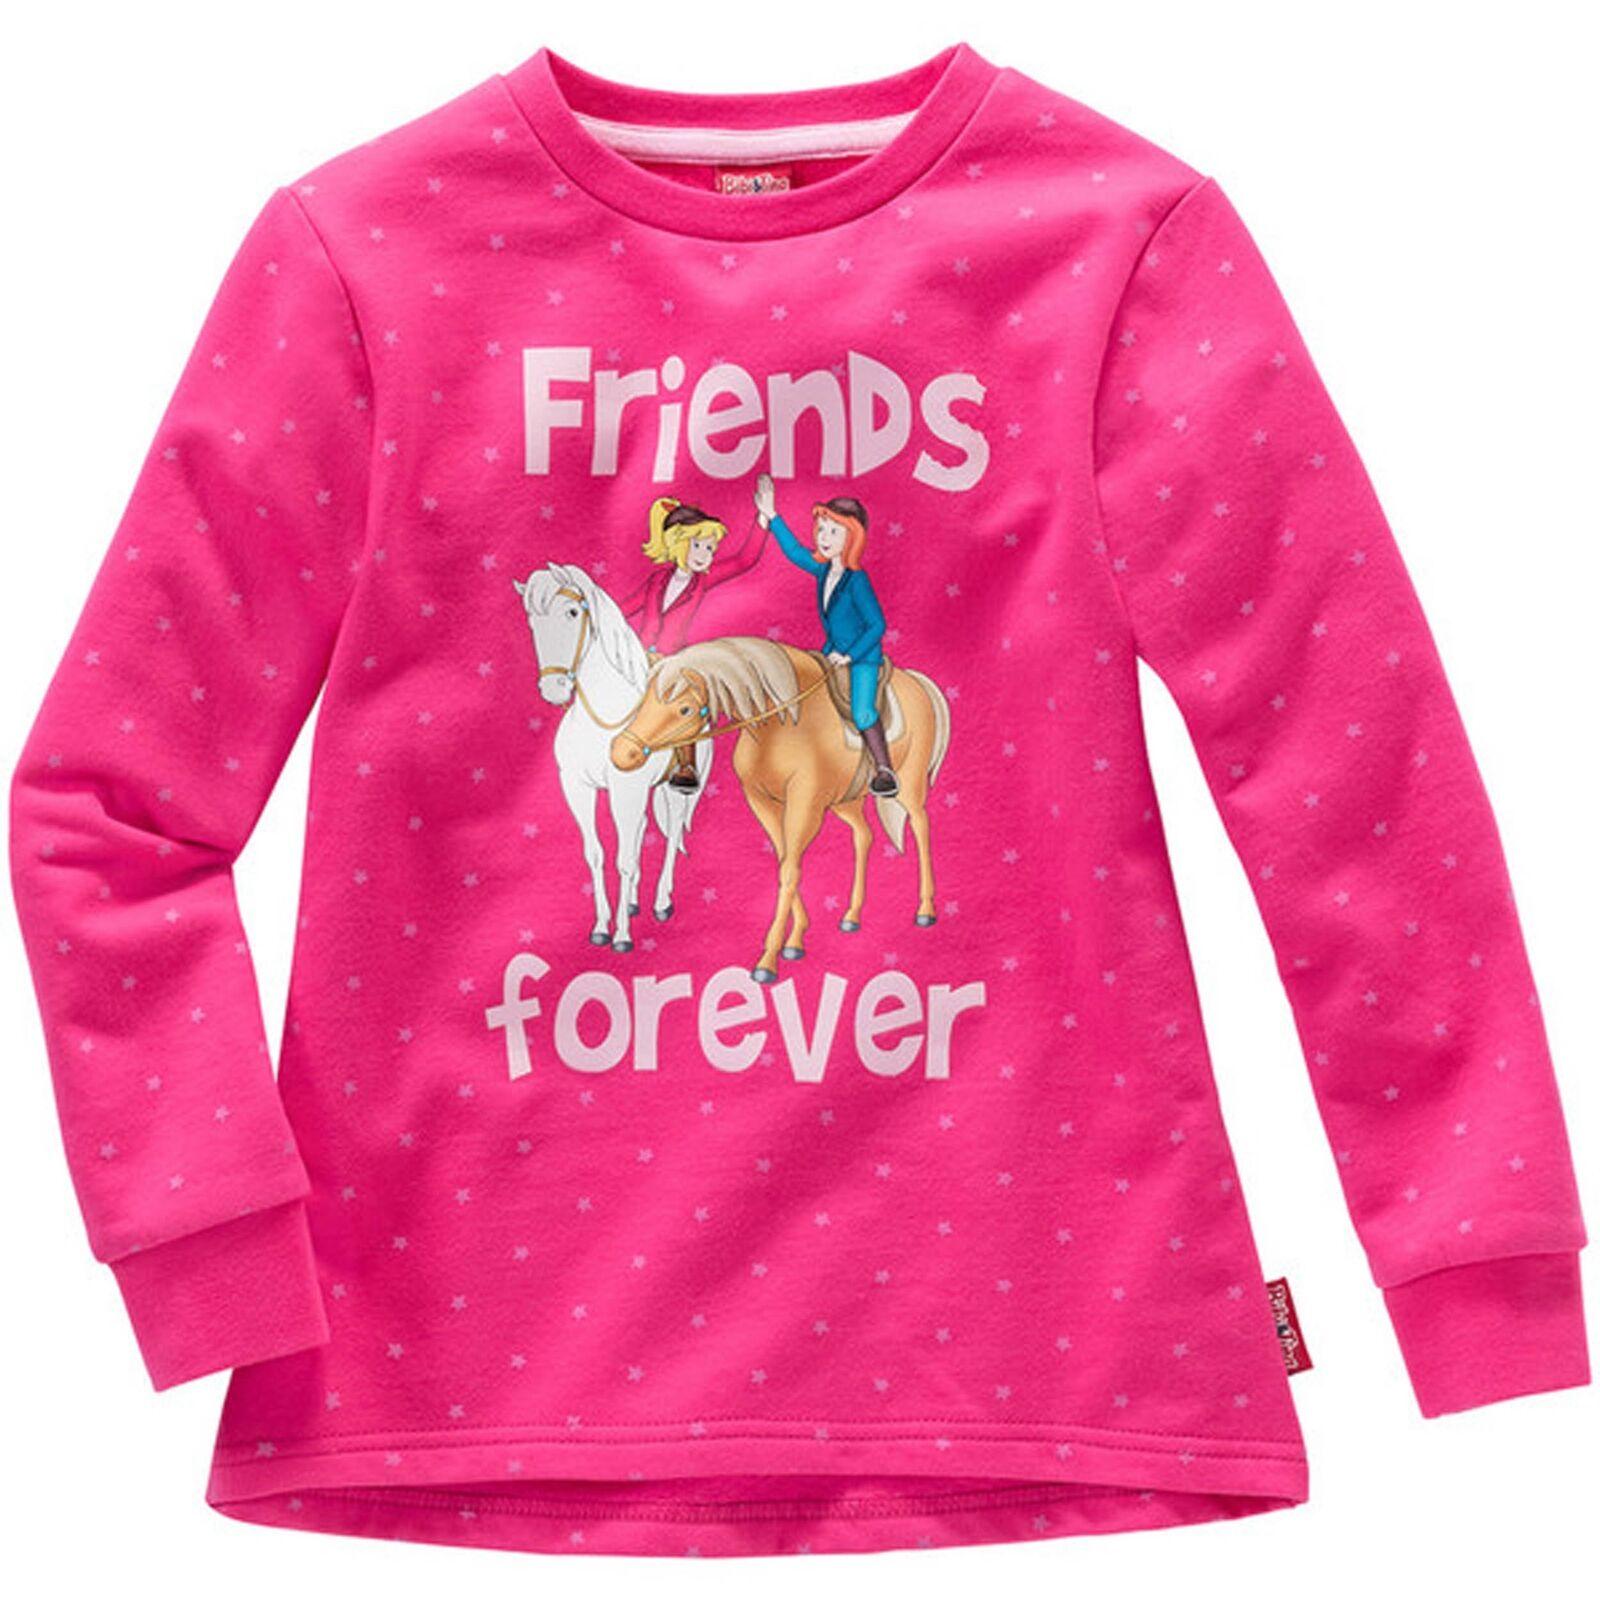 Kinder Mädchen SWEATSHIRT Bibi und Tina friends forever Pullover Sweater Pulli